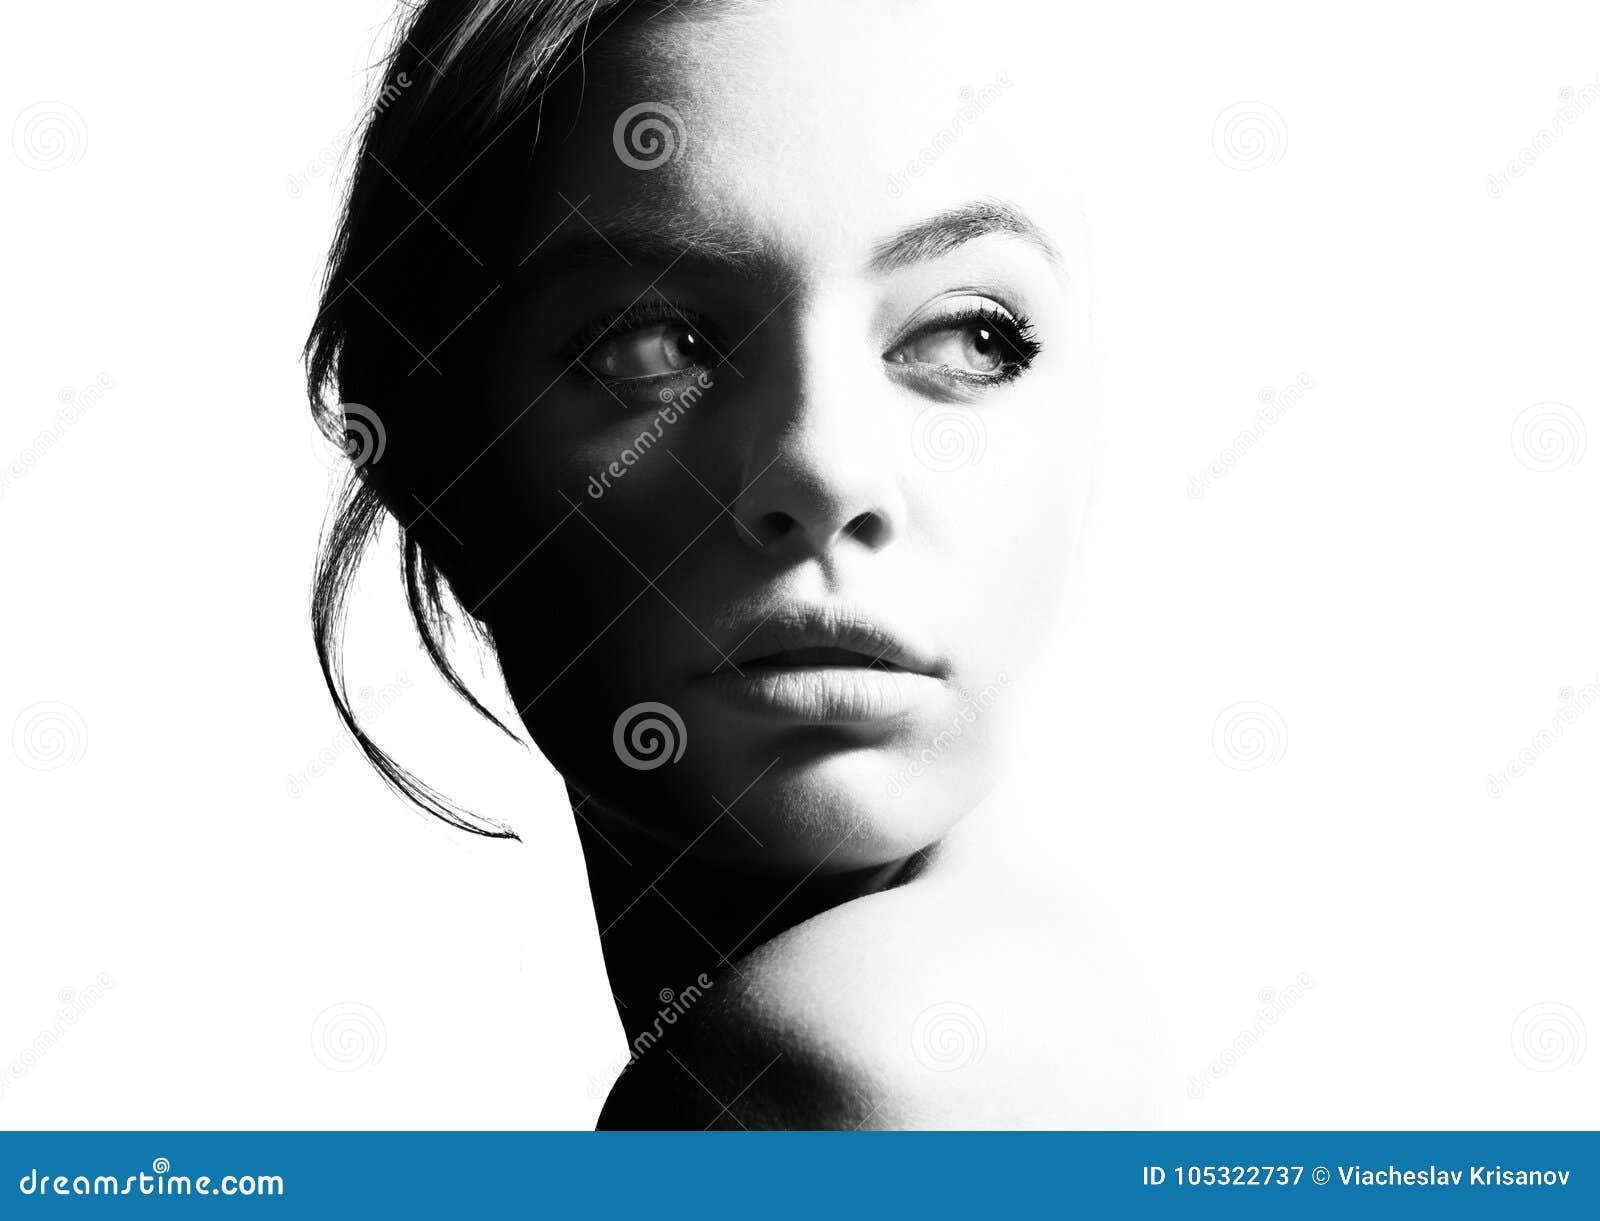 Hoog contrast zwart-wit portret van een mooi meisje